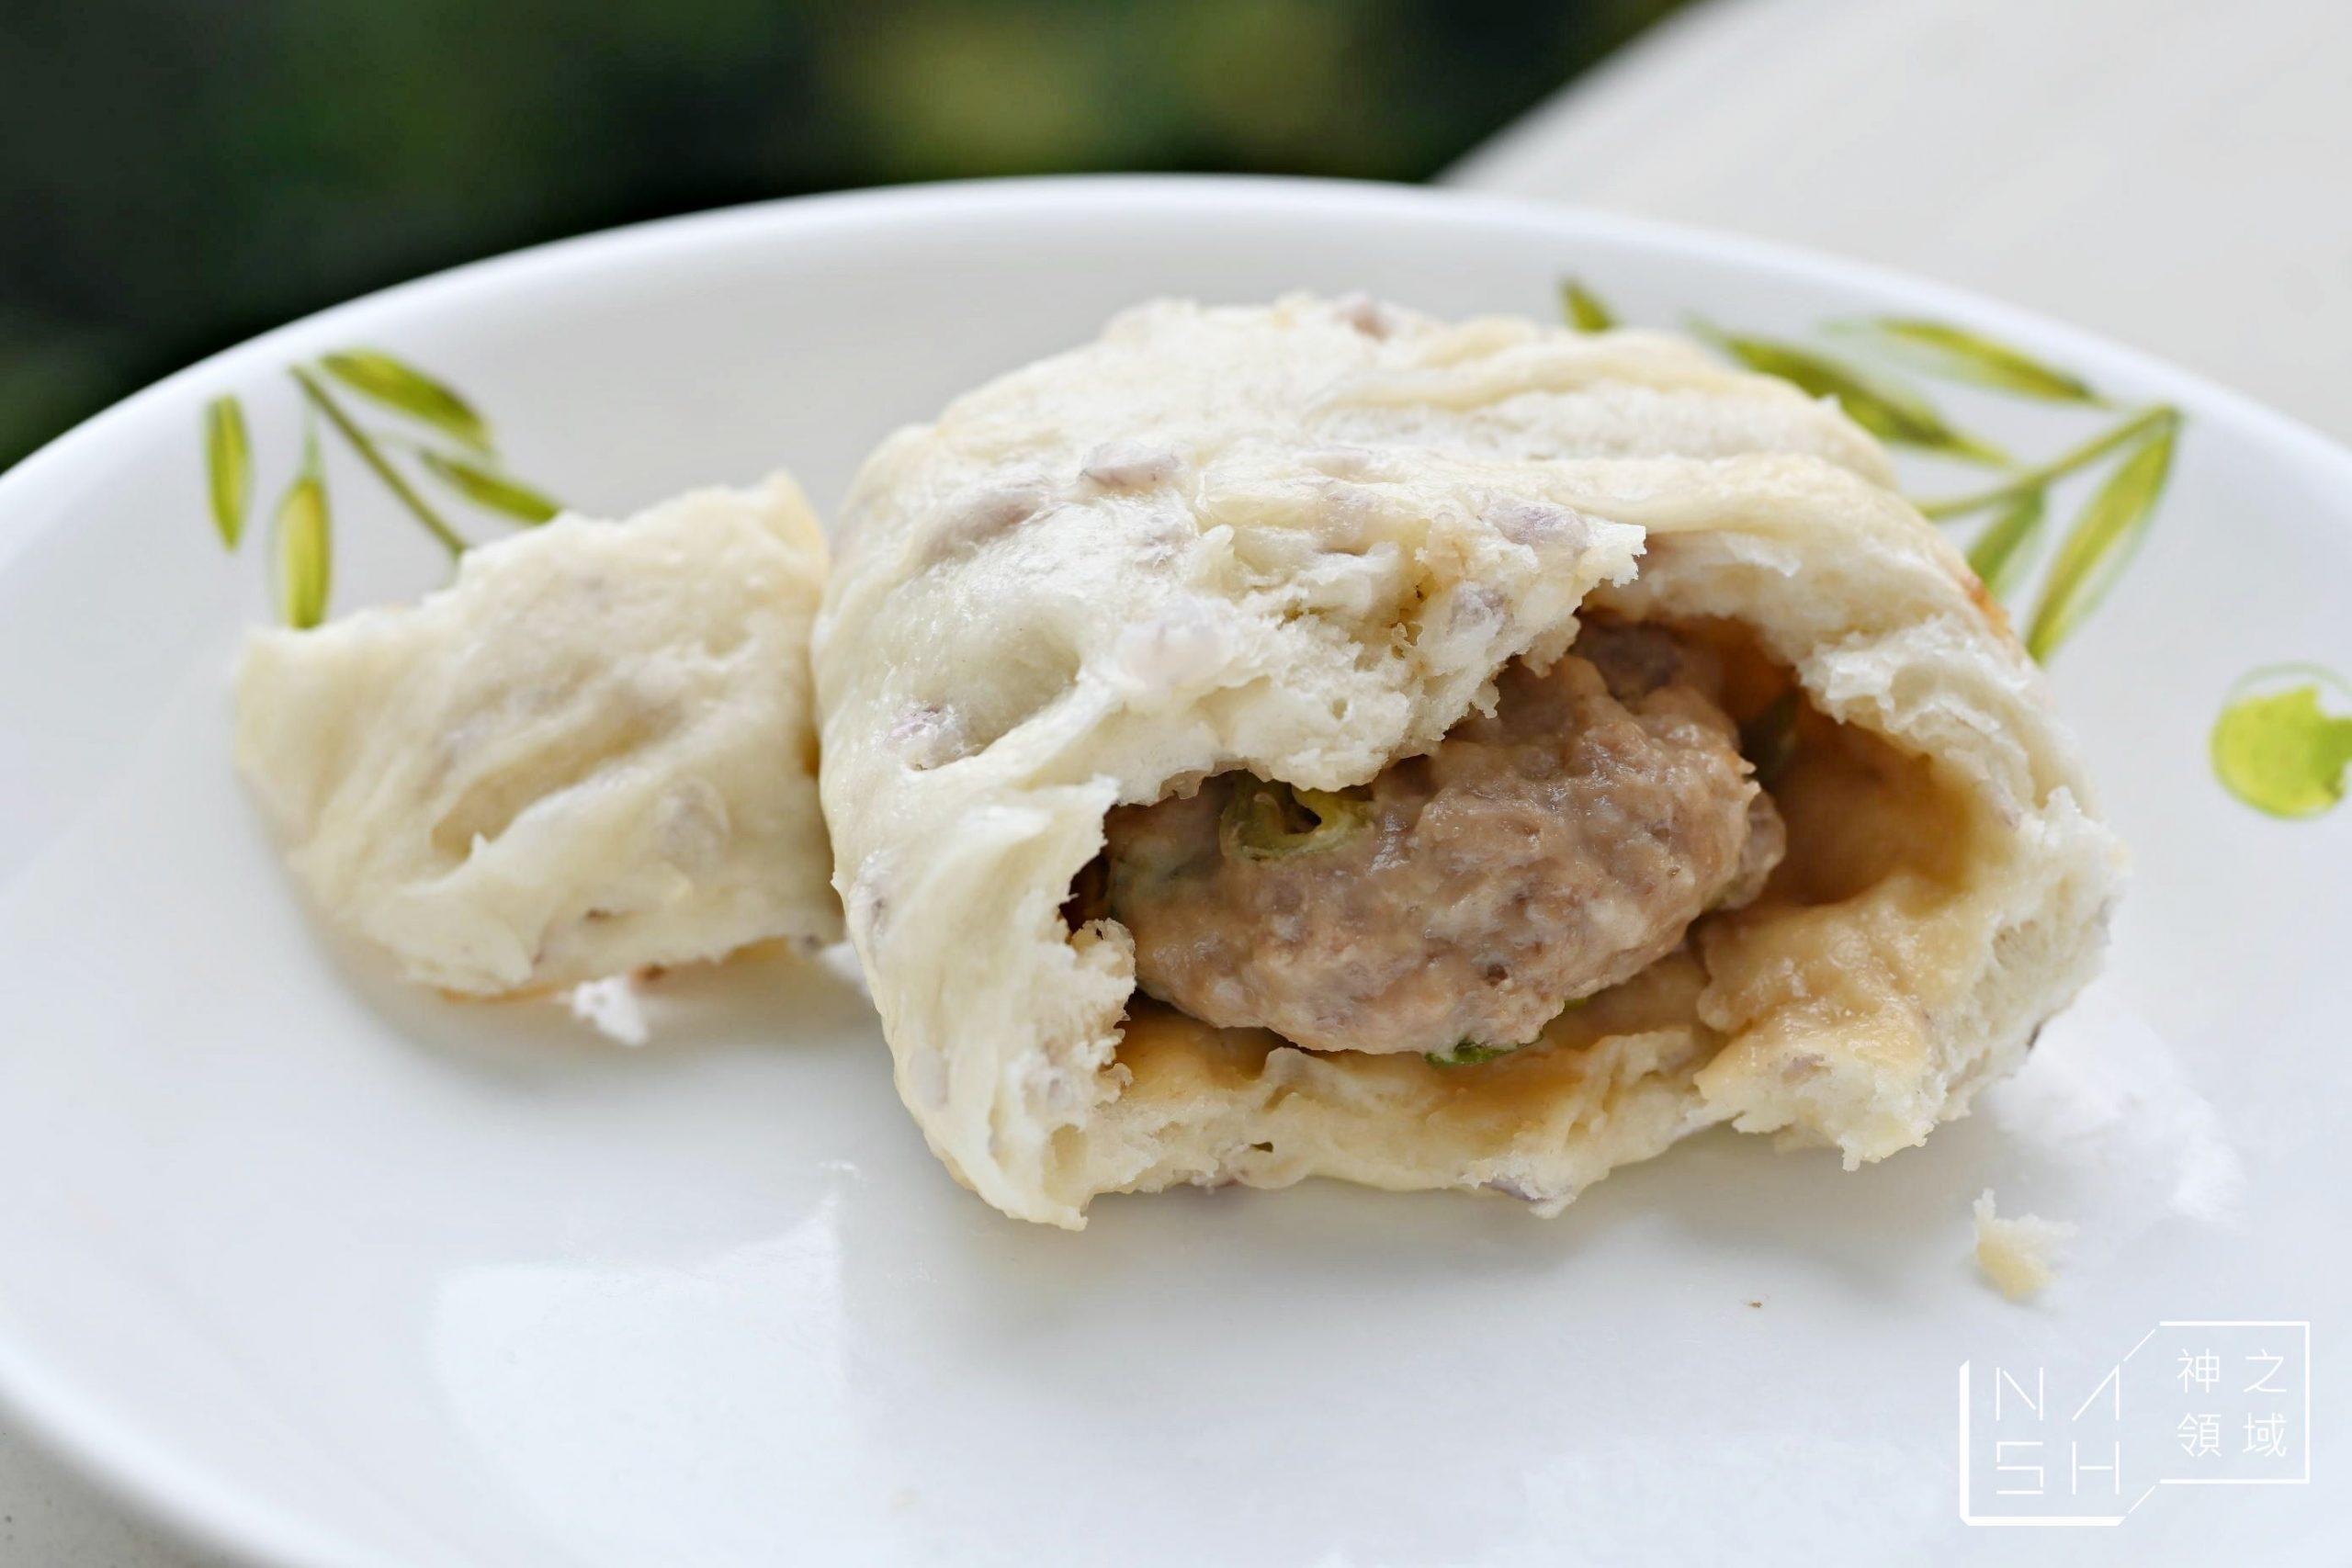 芝山岩阿婆肉包,芝山岩,芋頭肉包